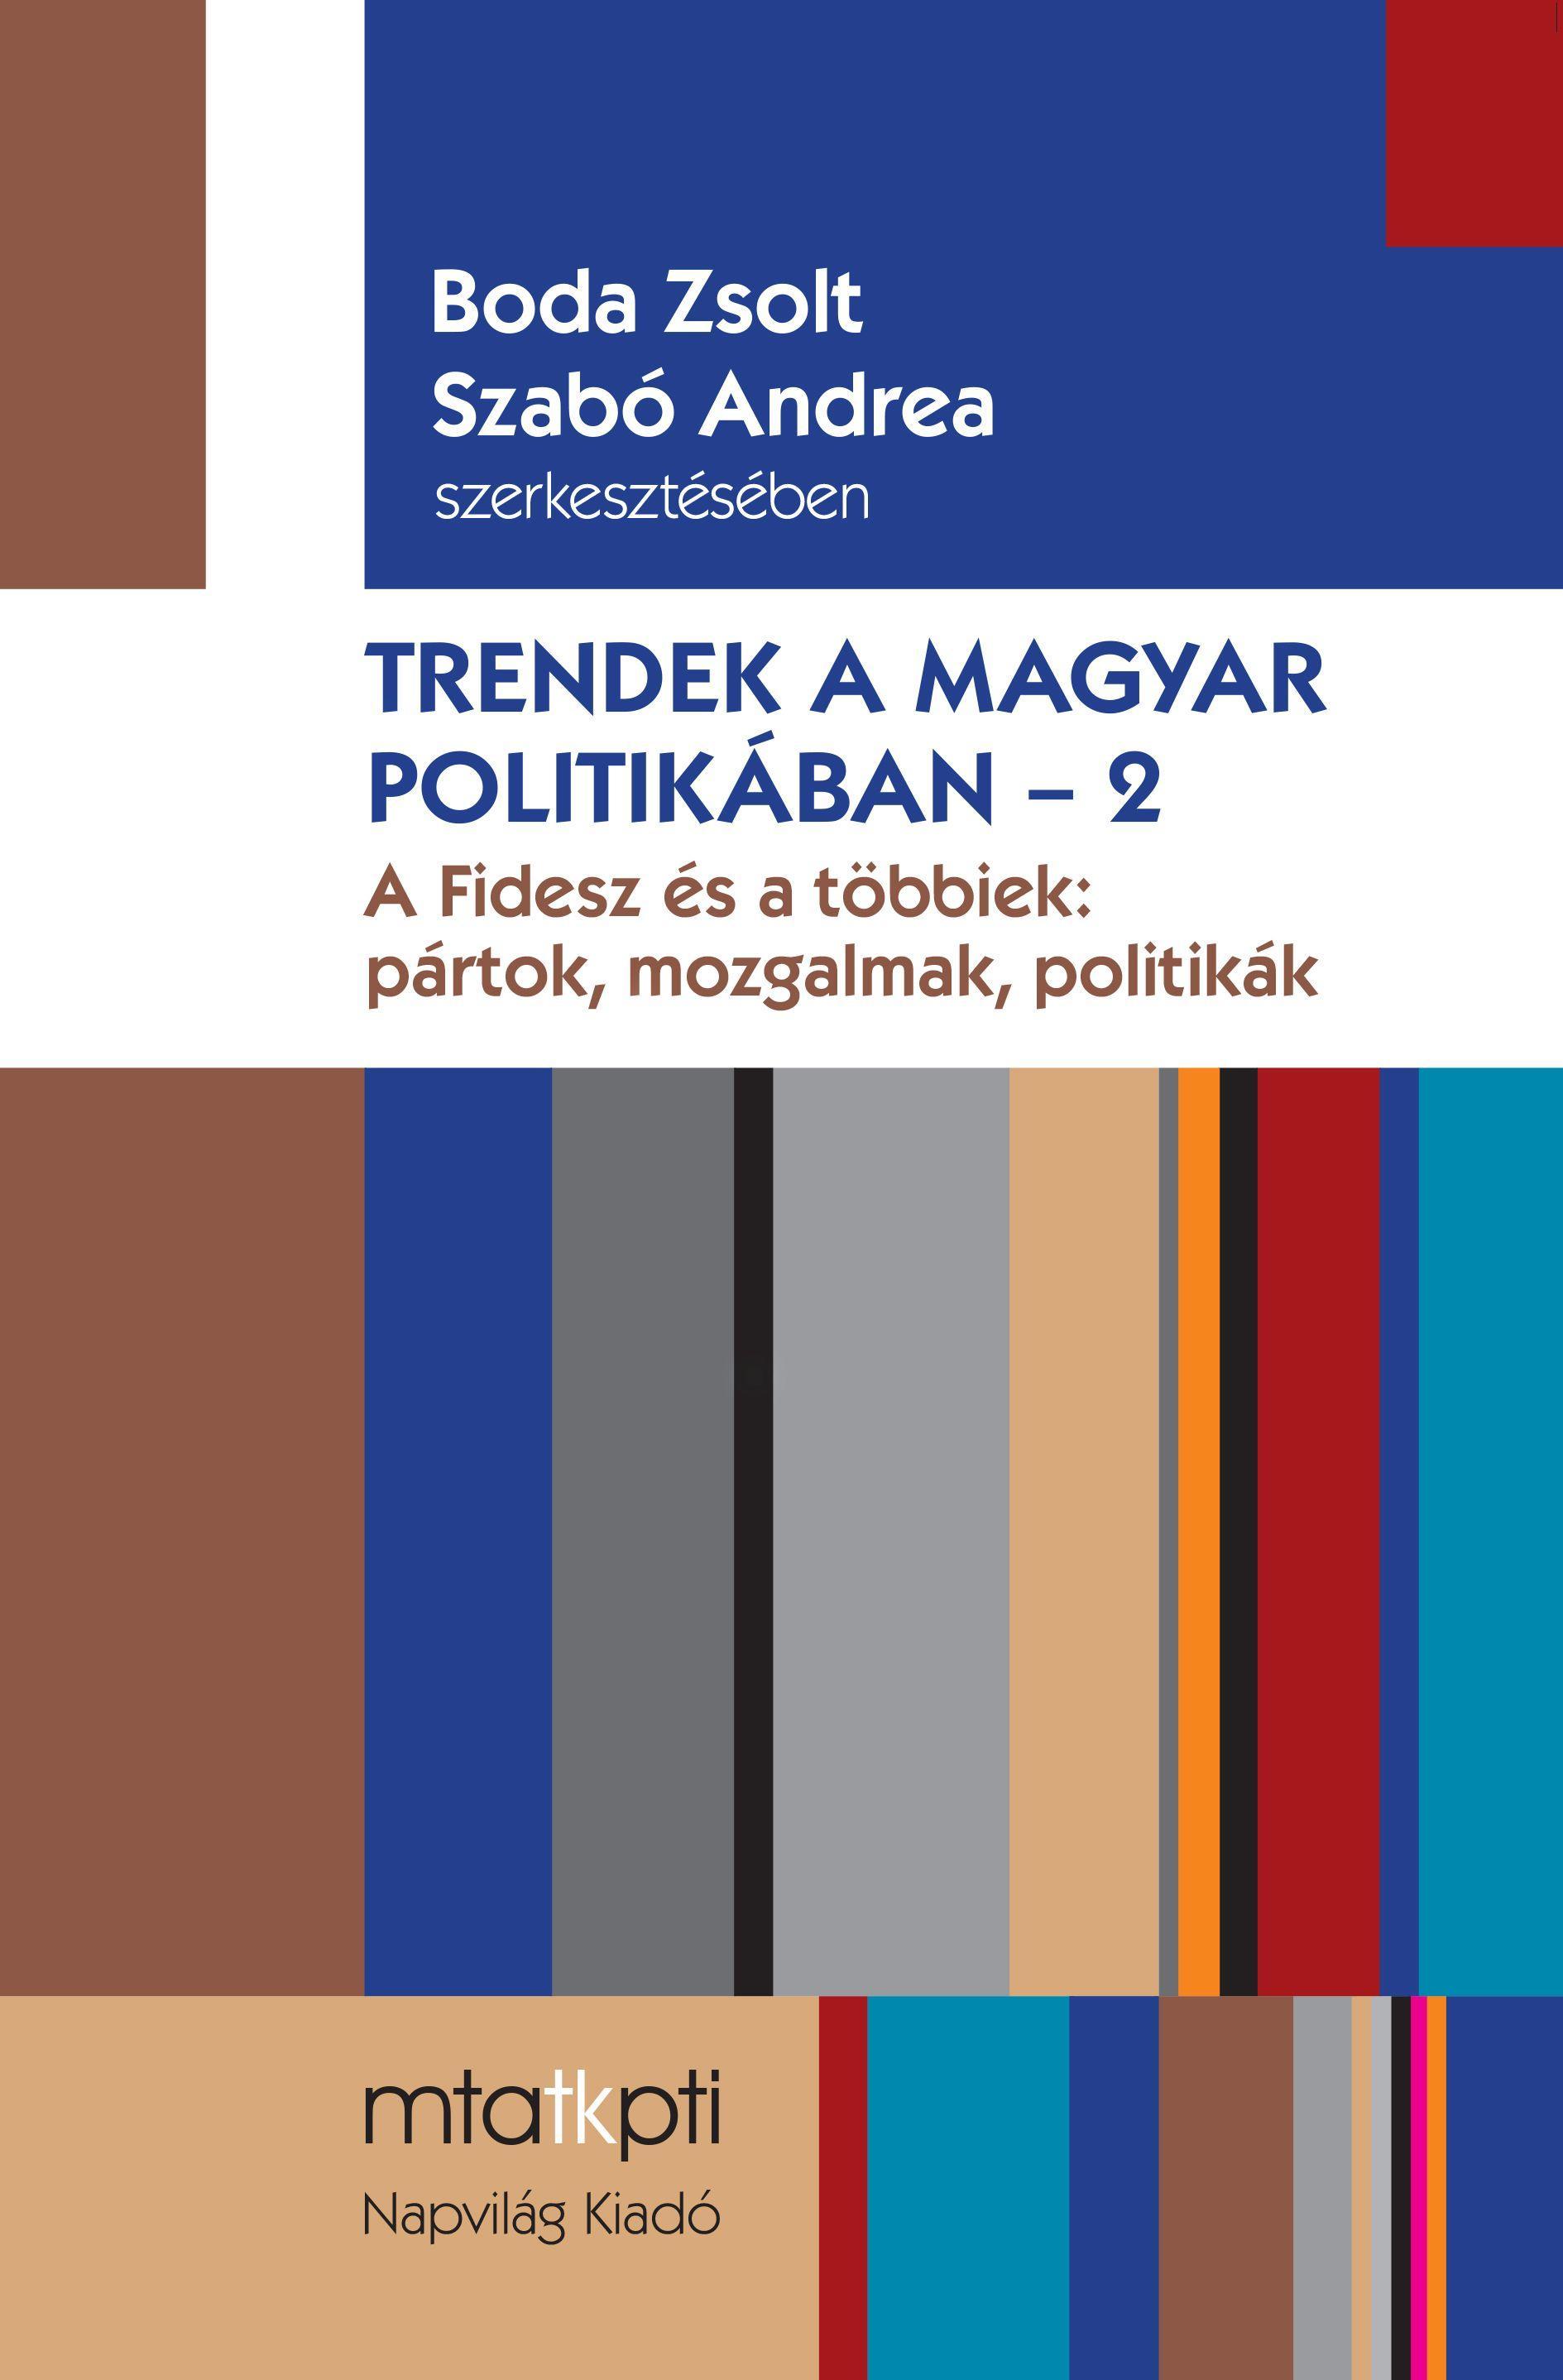 - TRENDEK A MAGYAR POLITIKÁBAN 2. - ÜKH 2017